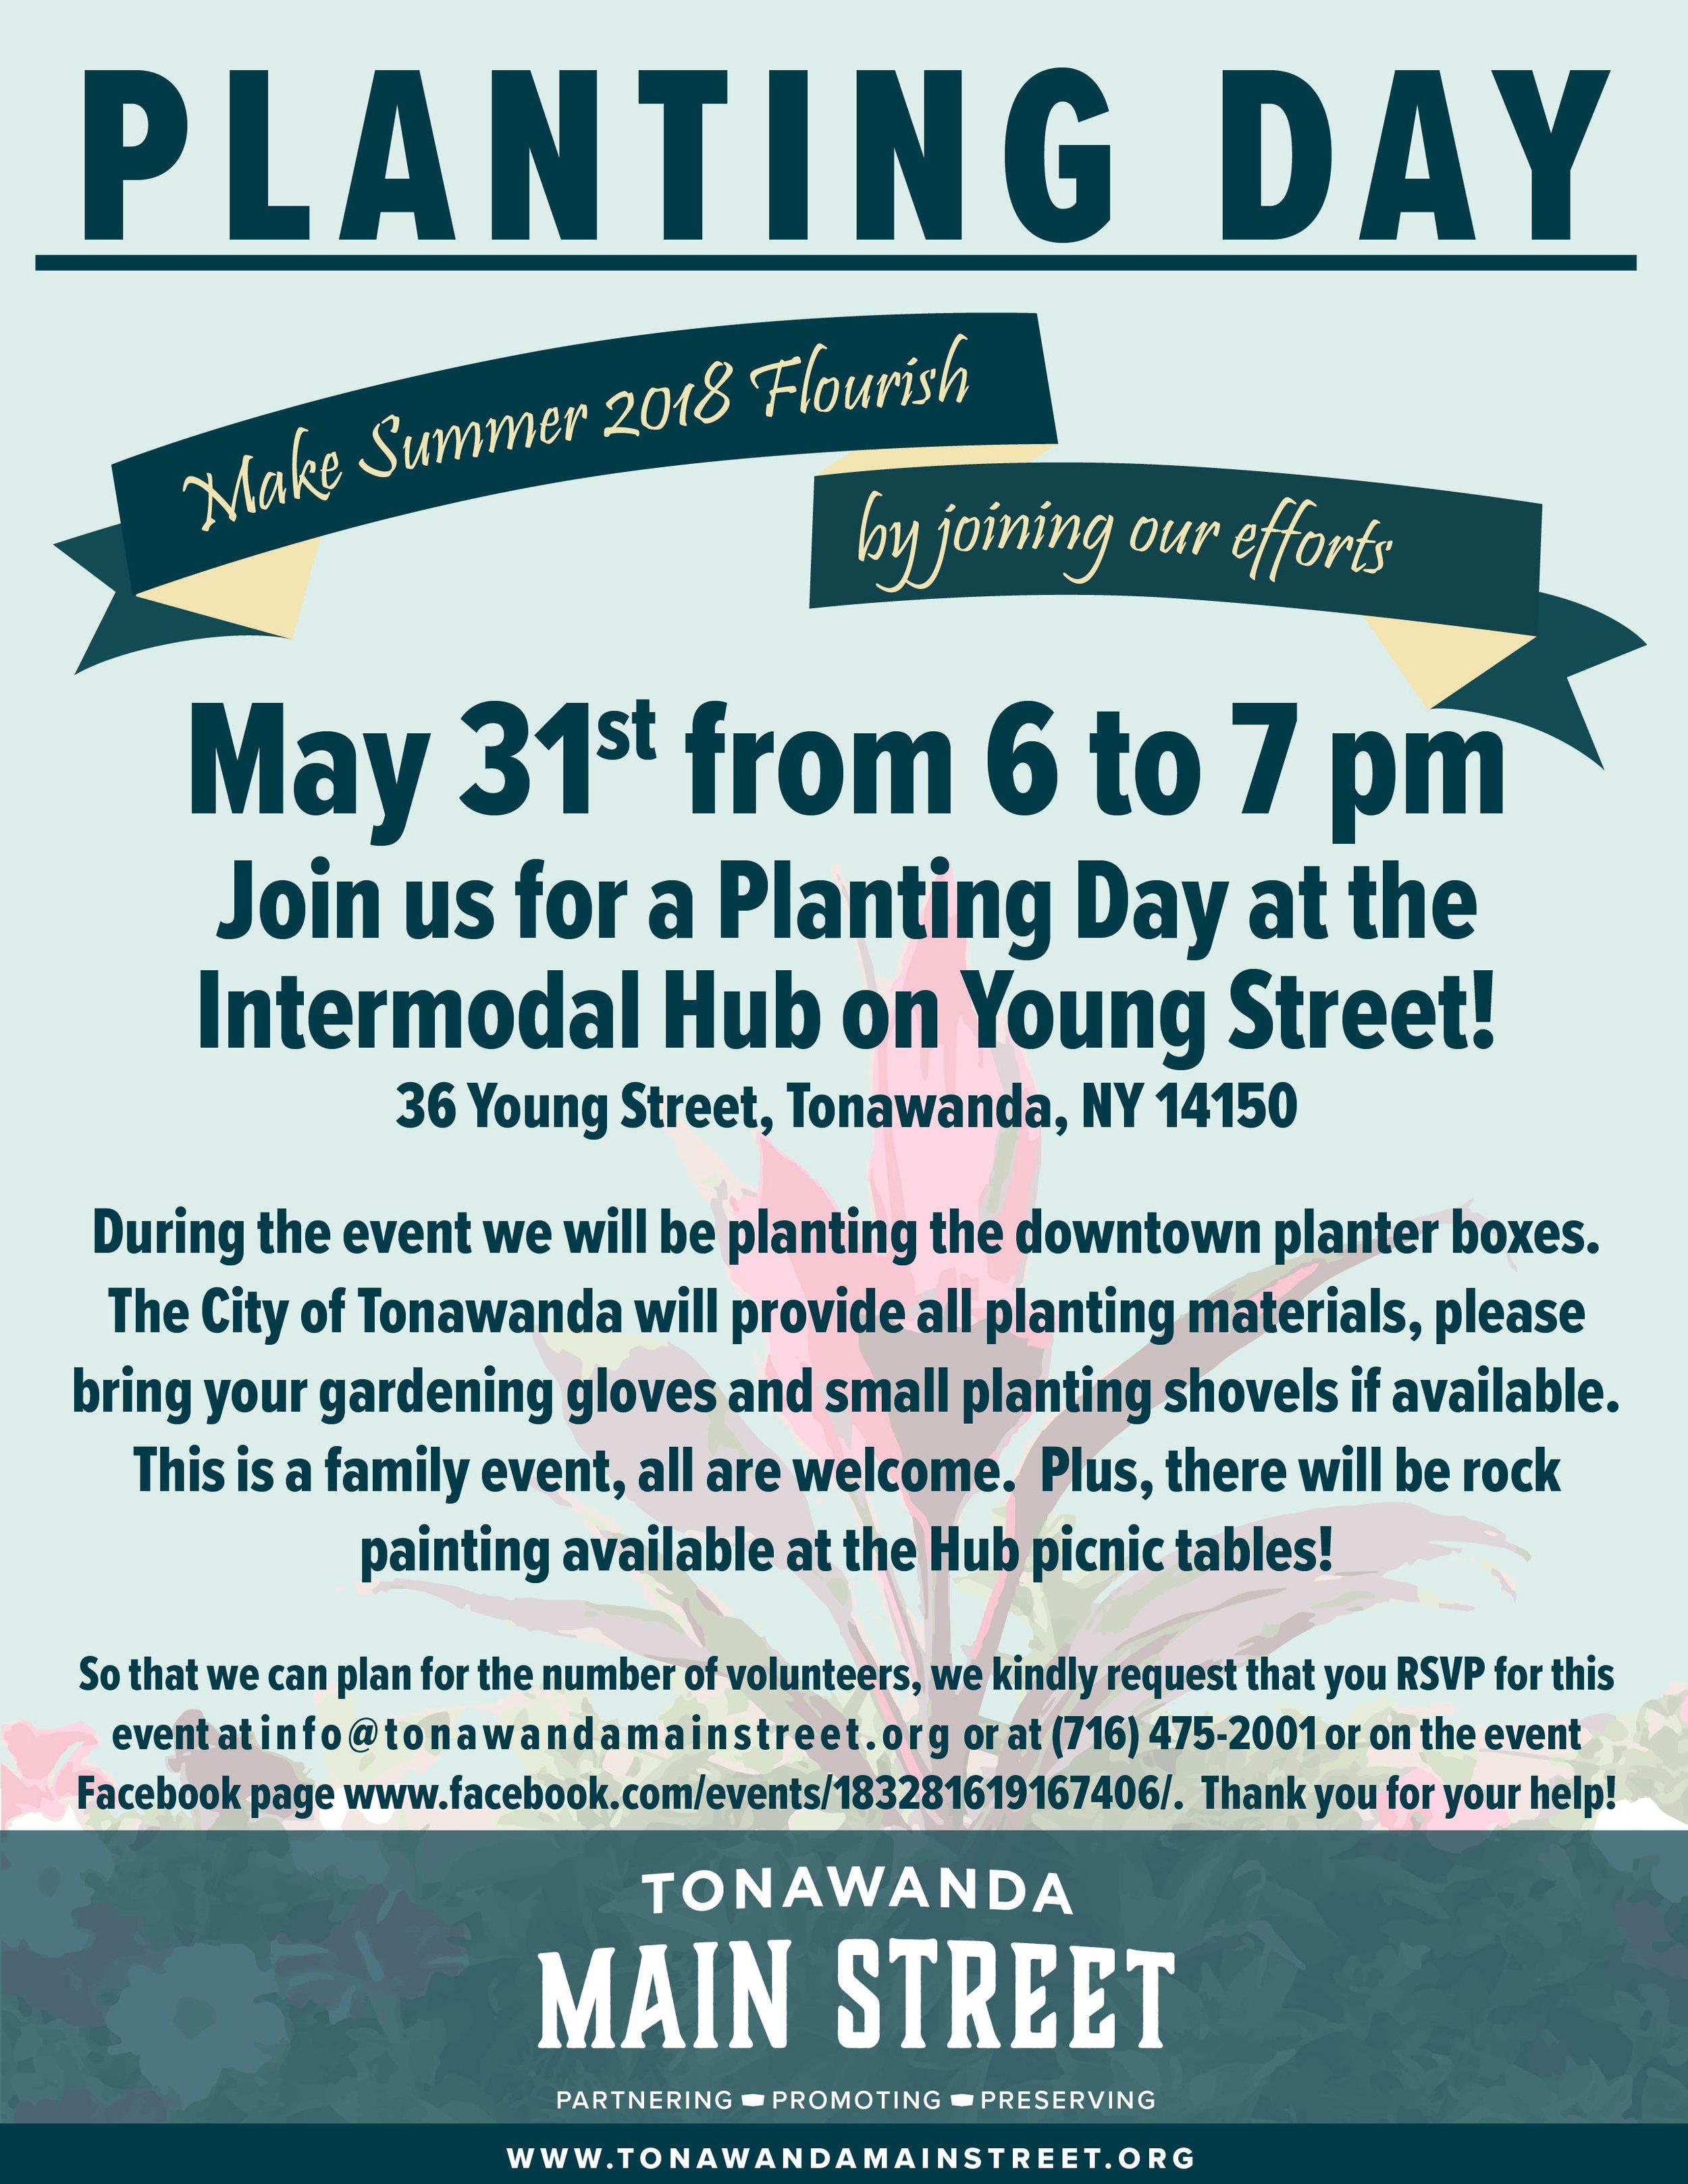 PlantingDayFlyer_5-31-18.jpg